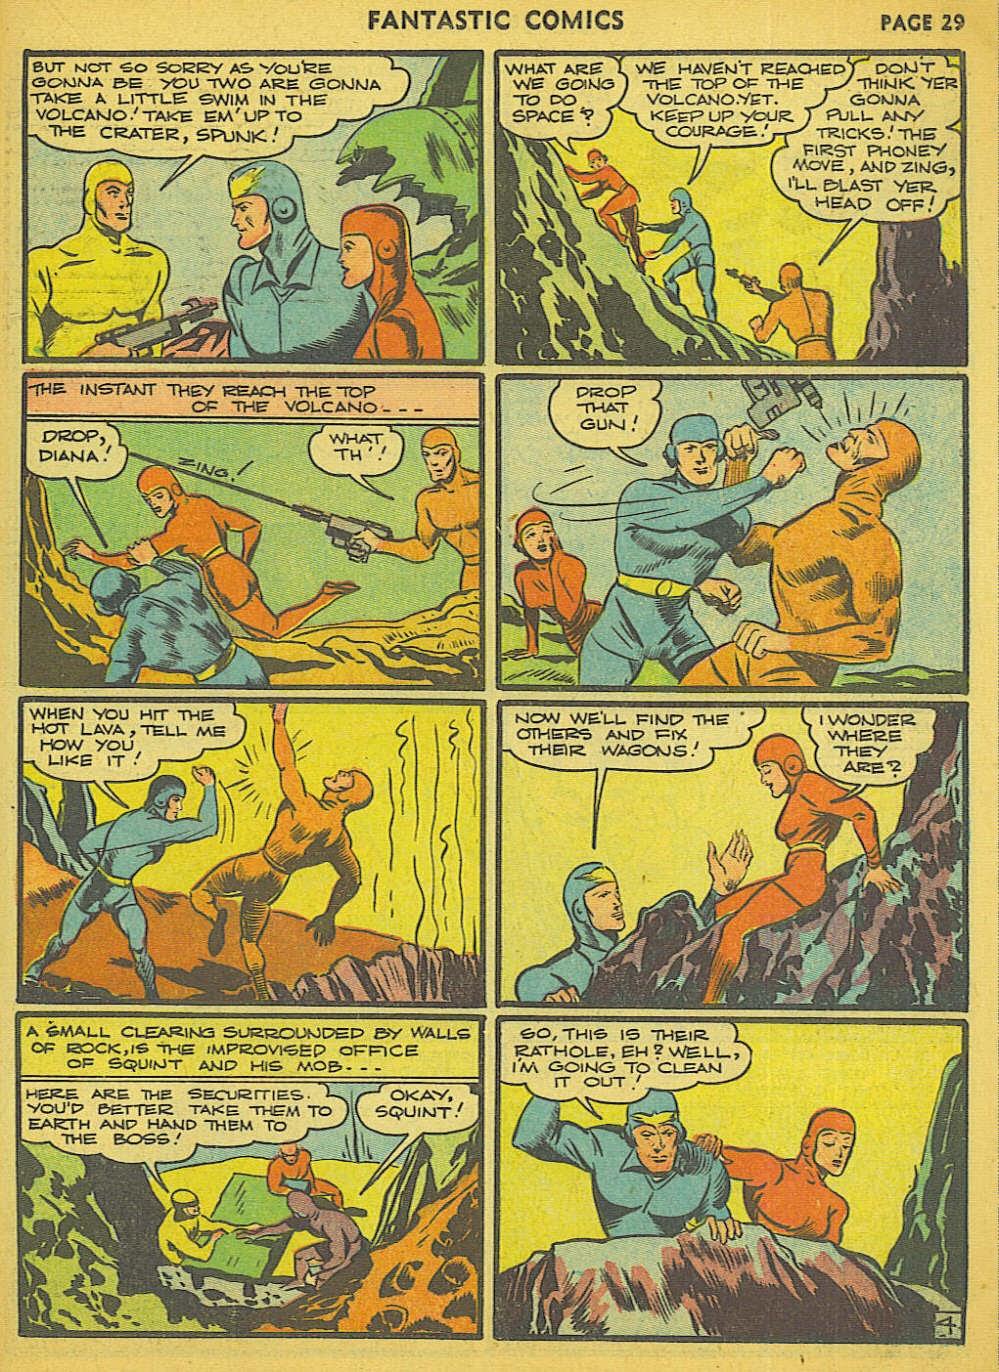 Read online Fantastic Comics comic -  Issue #15 - 23